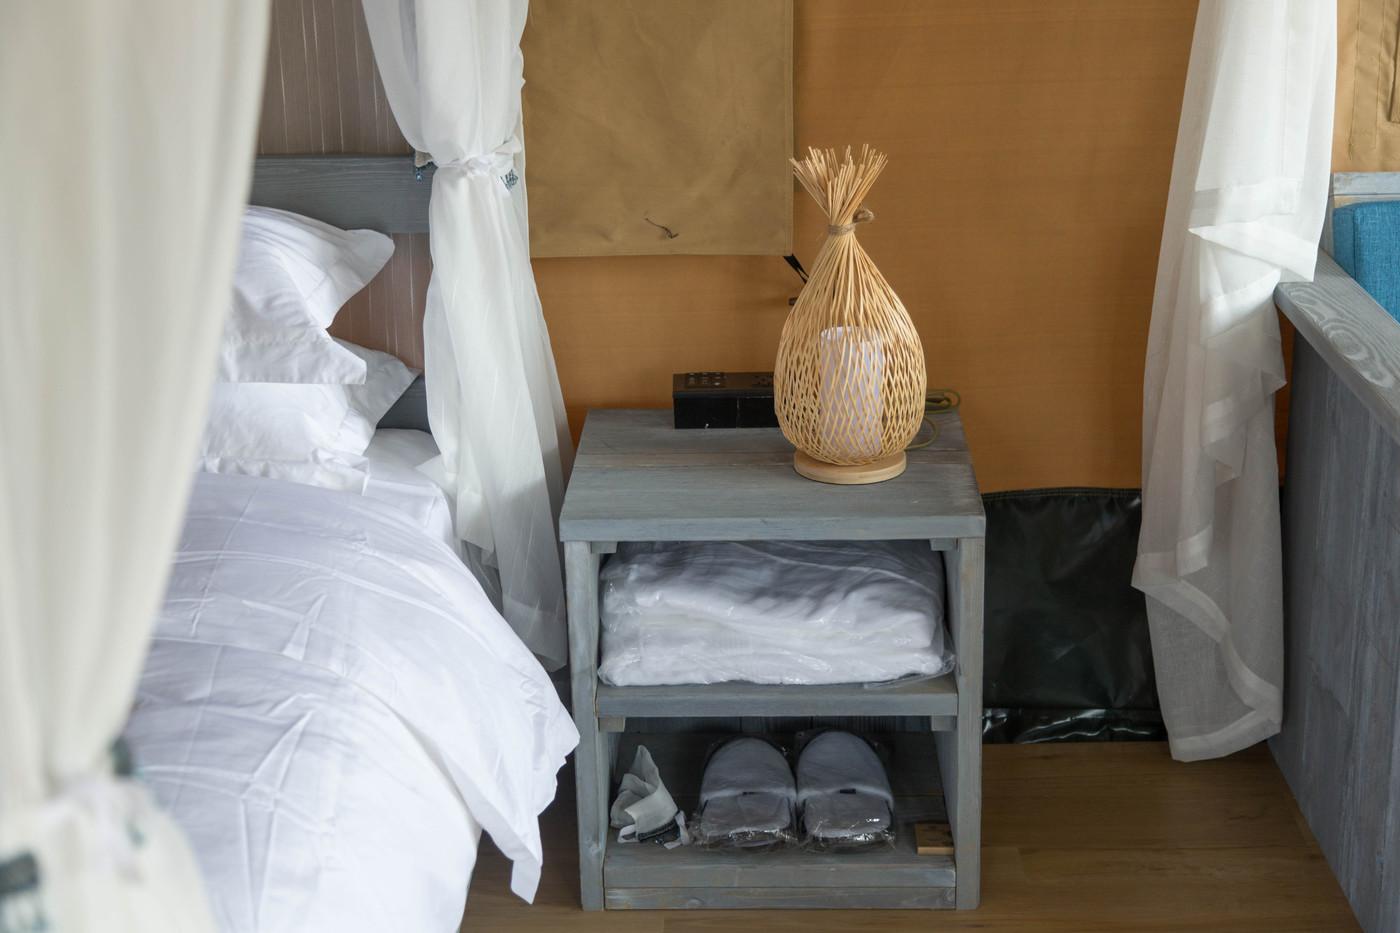 喜马拉雅野奢帐篷酒店—安徽砀山东篱蓬芦梨园帐篷酒店23